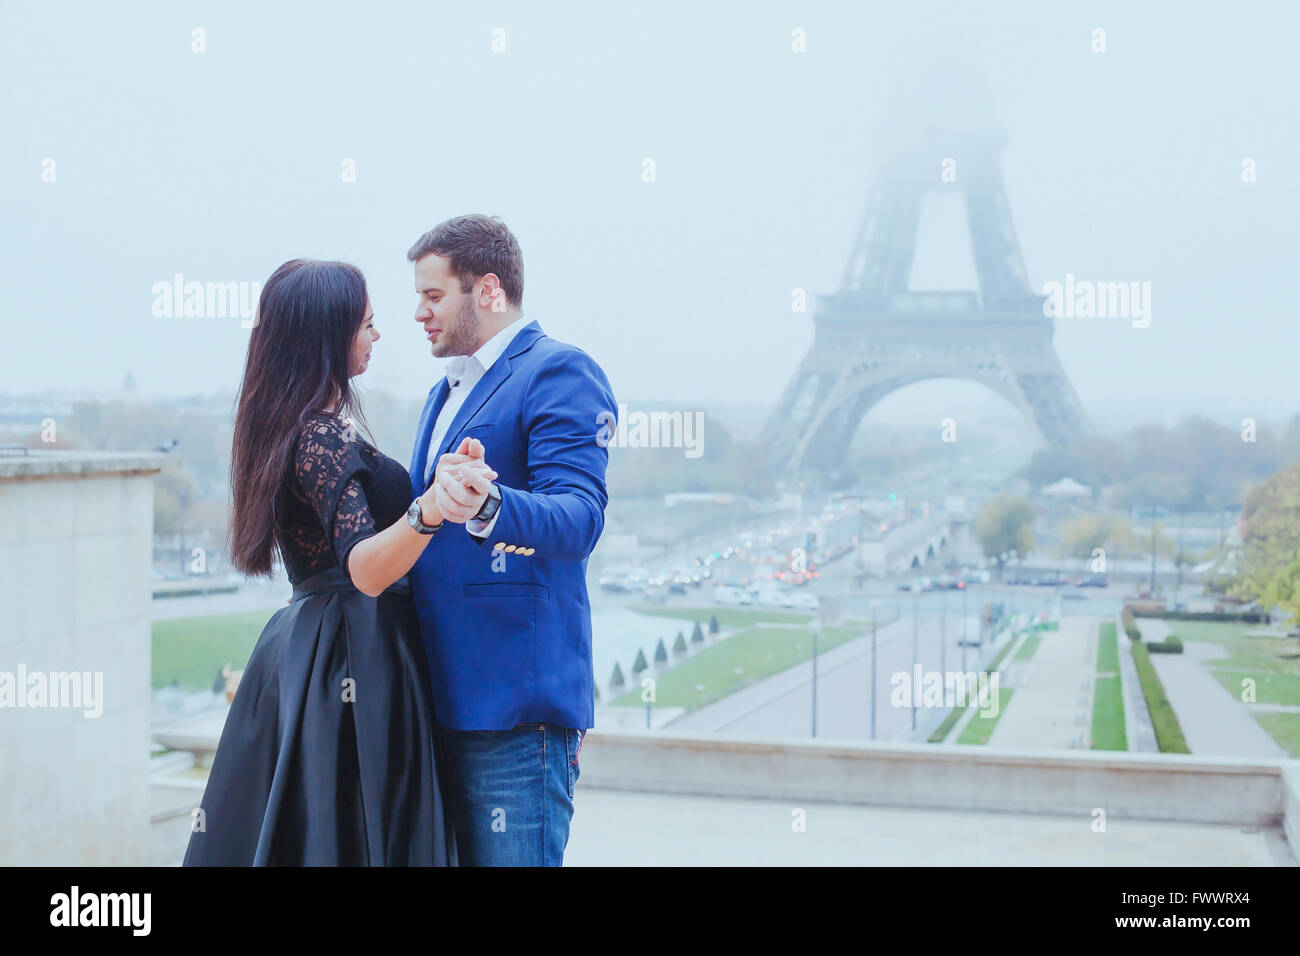 Momento romantico vicino alla Torre Eiffel, Ritratto di giovane in amore Immagini Stock